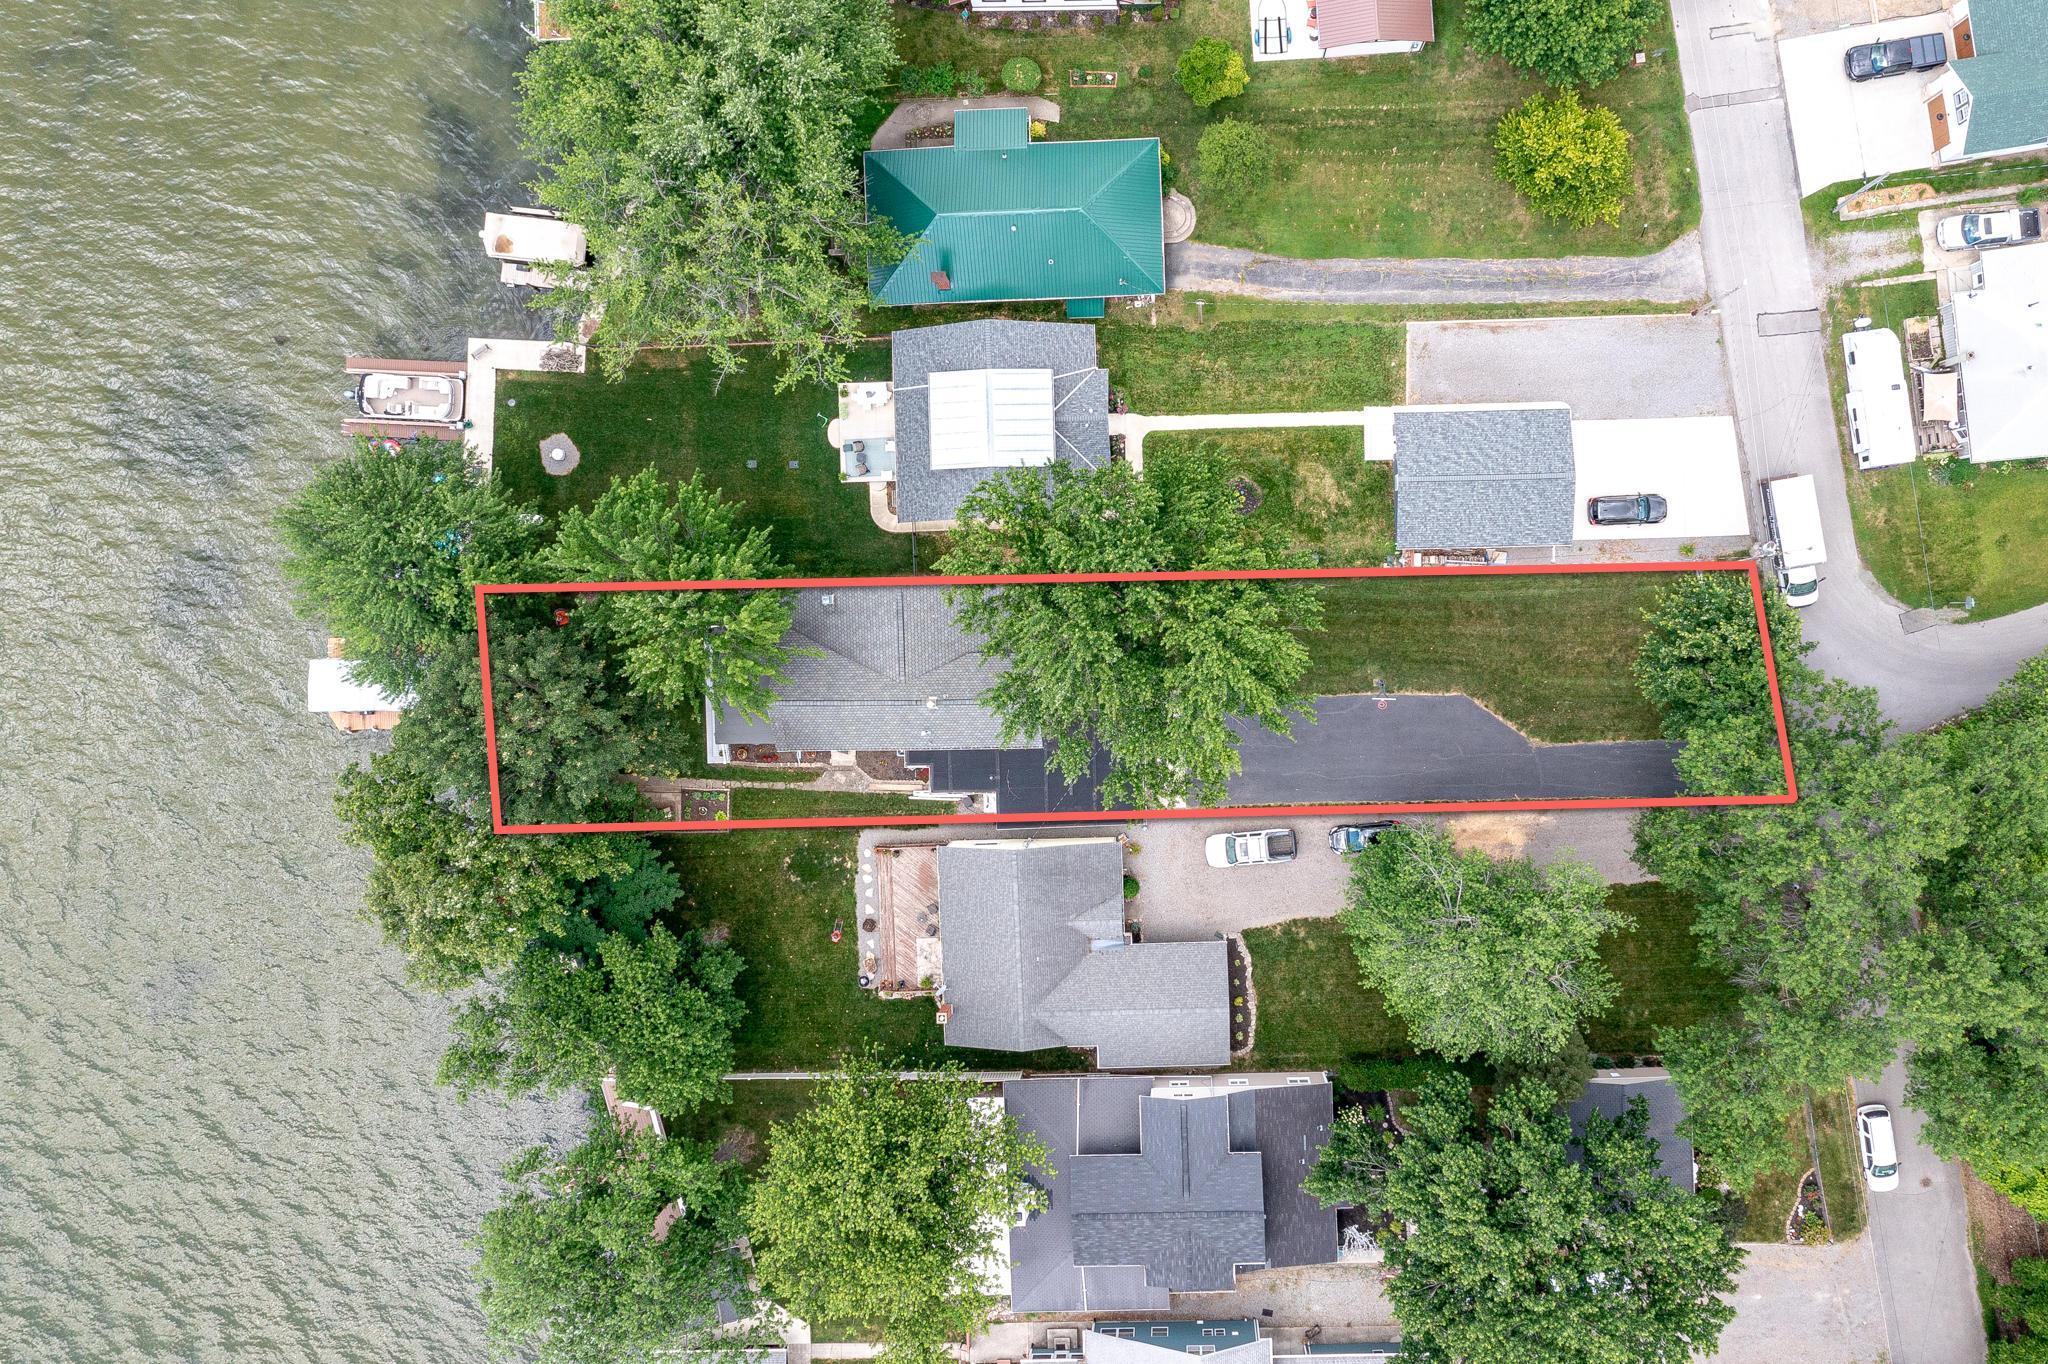 8751 Chautauqua Aerials-1-outline